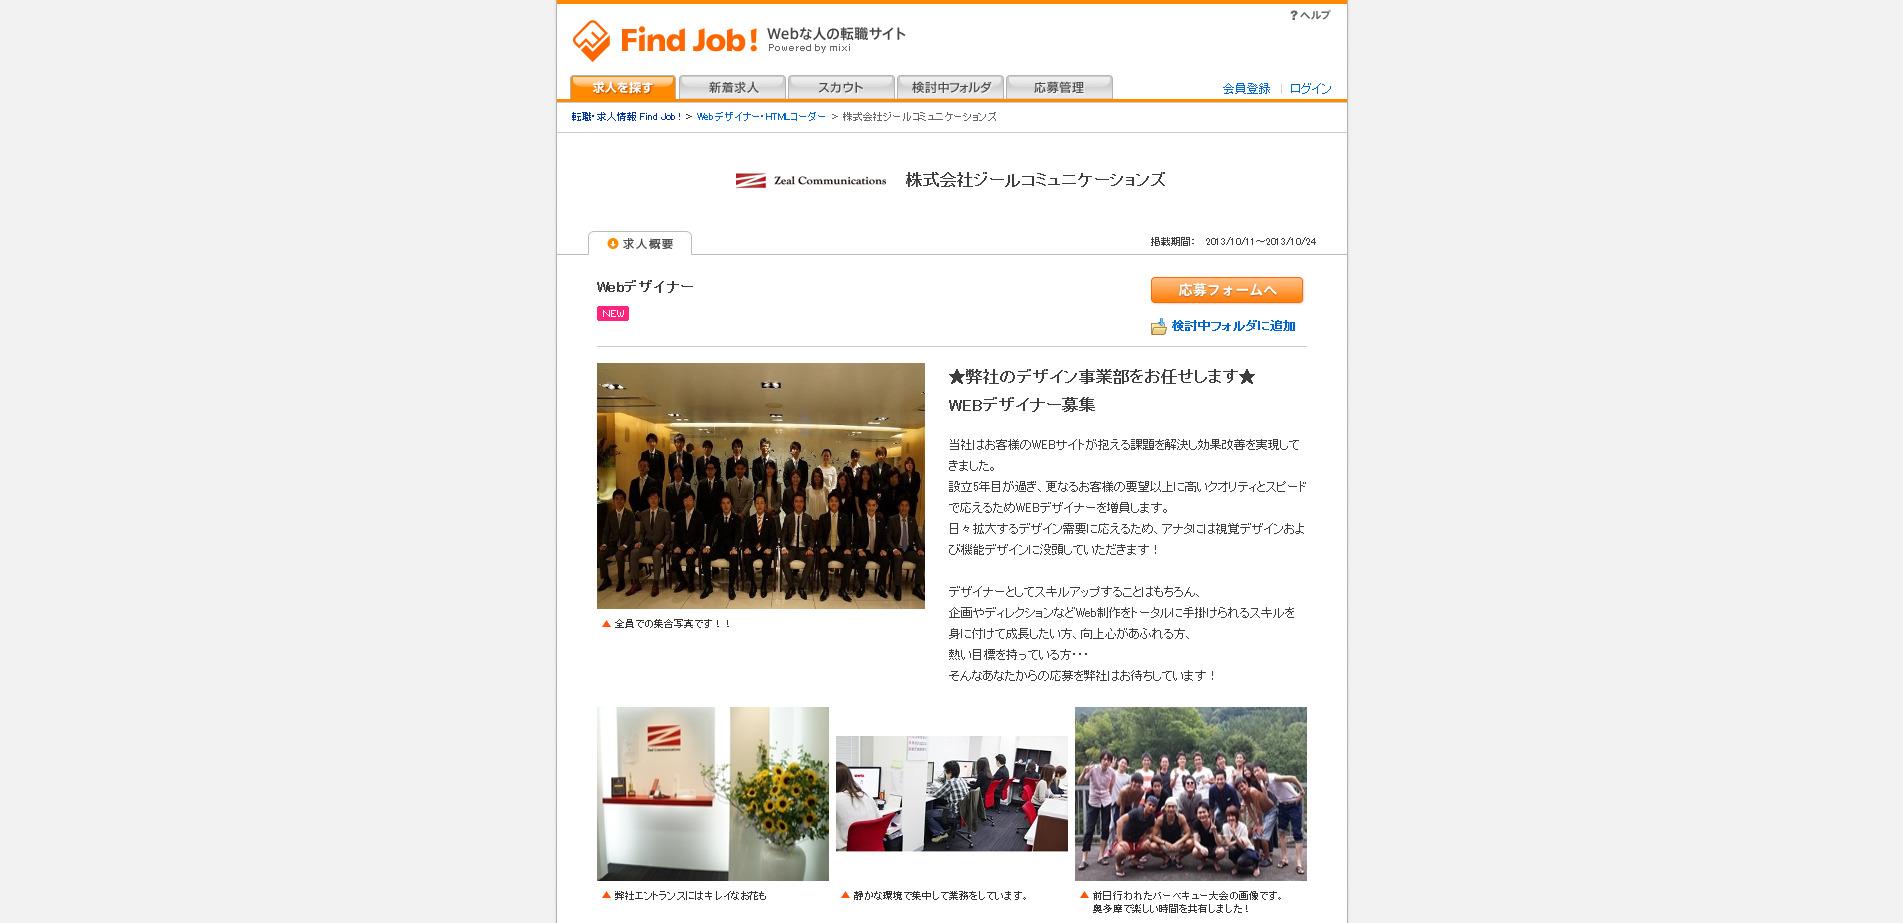 求人サイト「FindJob」にてWebデザイナー募集記事が掲載されました。